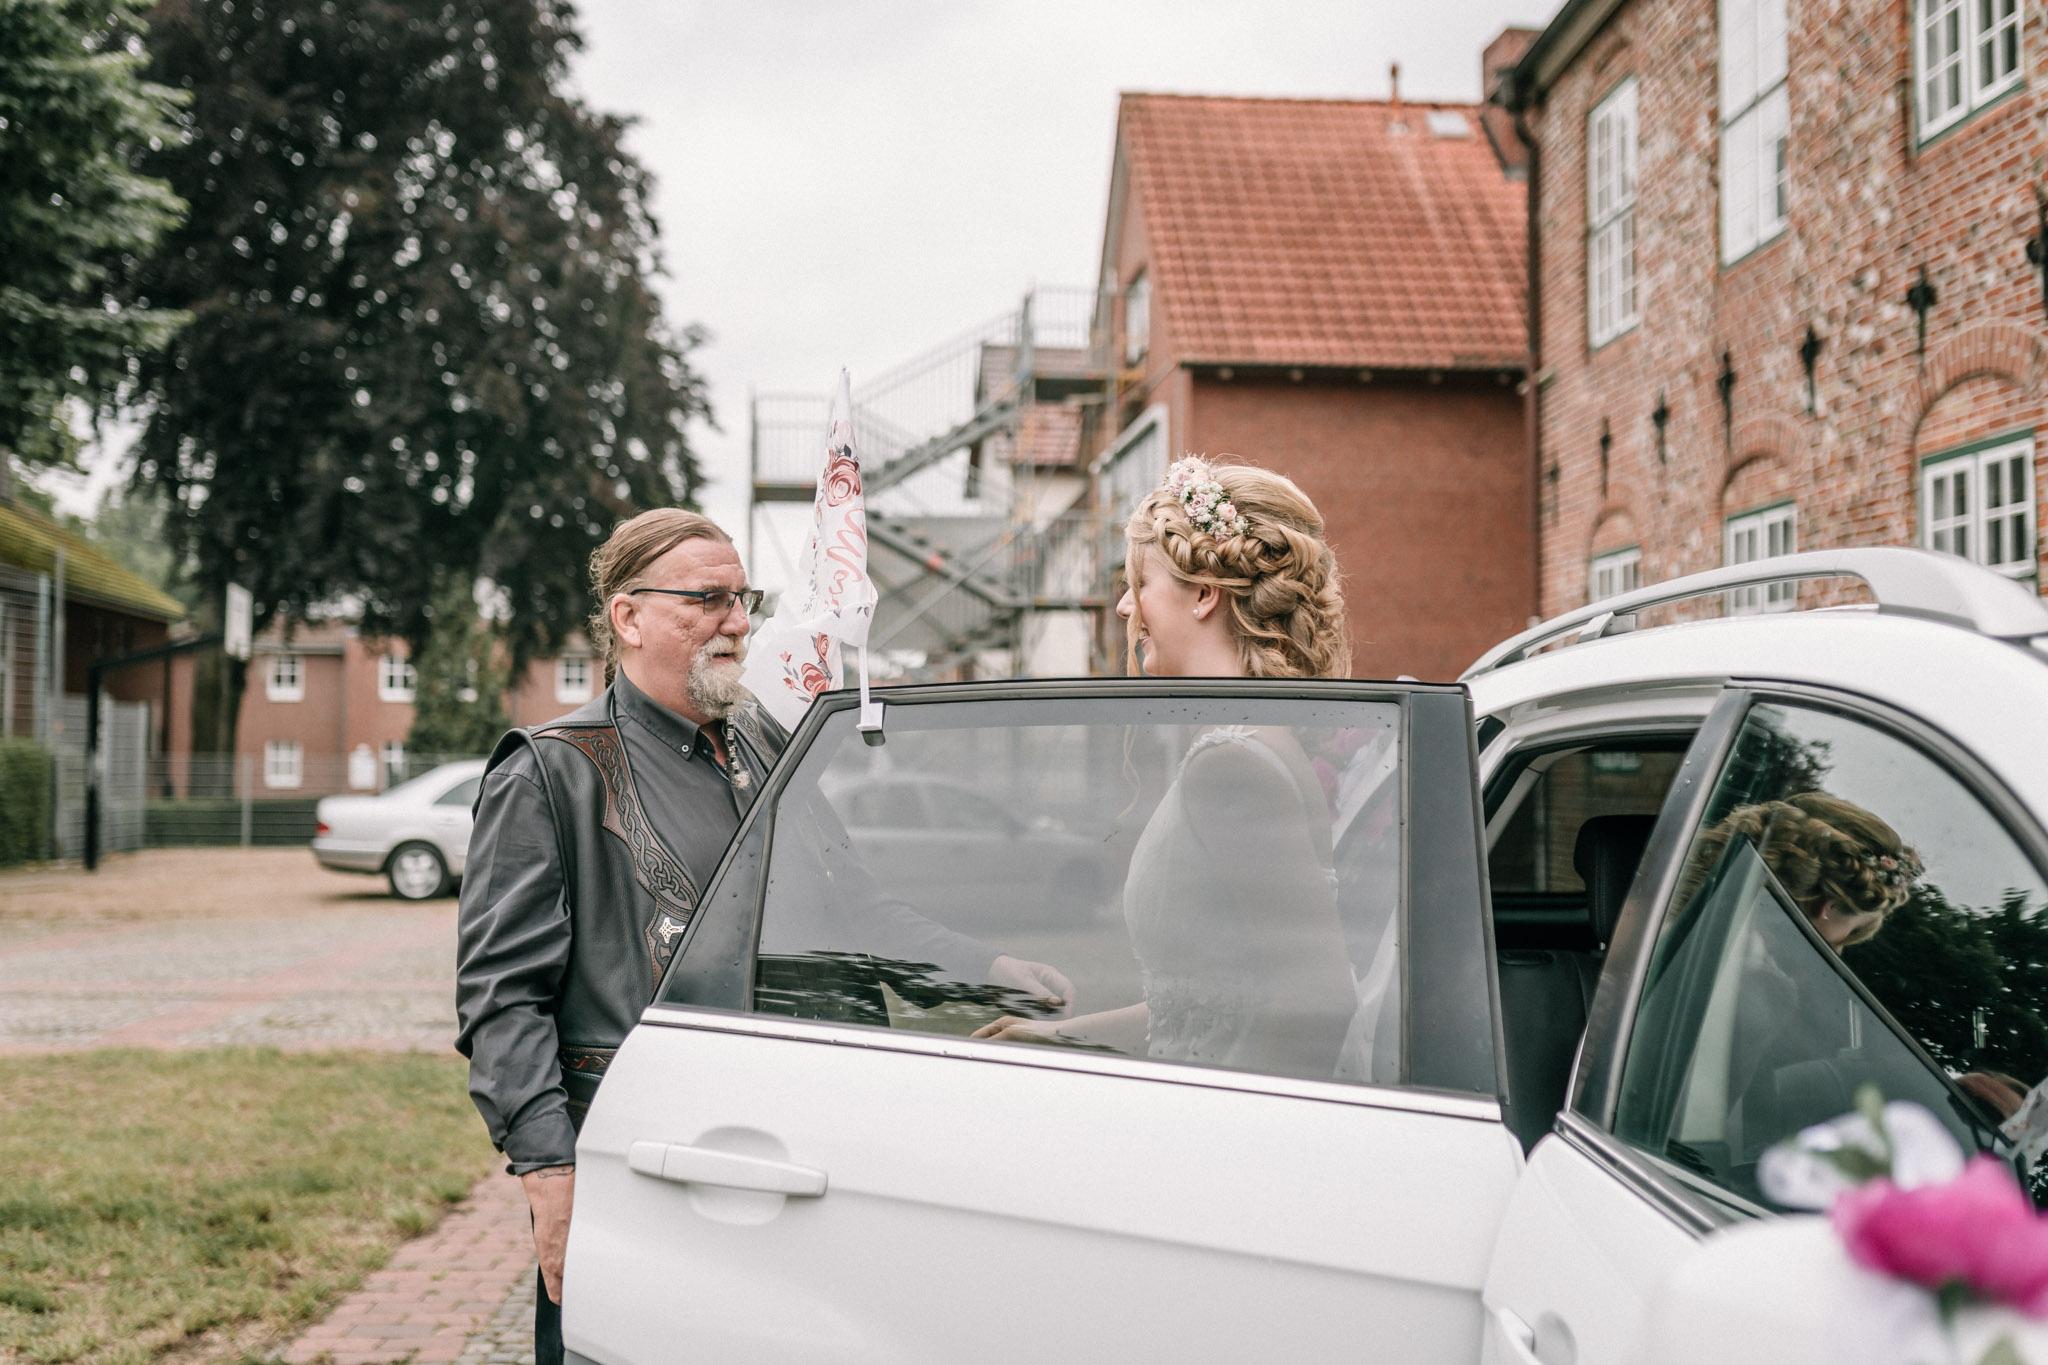 Hochzeitsfieber by Photo-Schomburg, Sven Schomburg Hochzeitsfotografie, Hochzeitsfotograf, Bad Bramstedt, Hamburg, Schleswig-Hostein-7